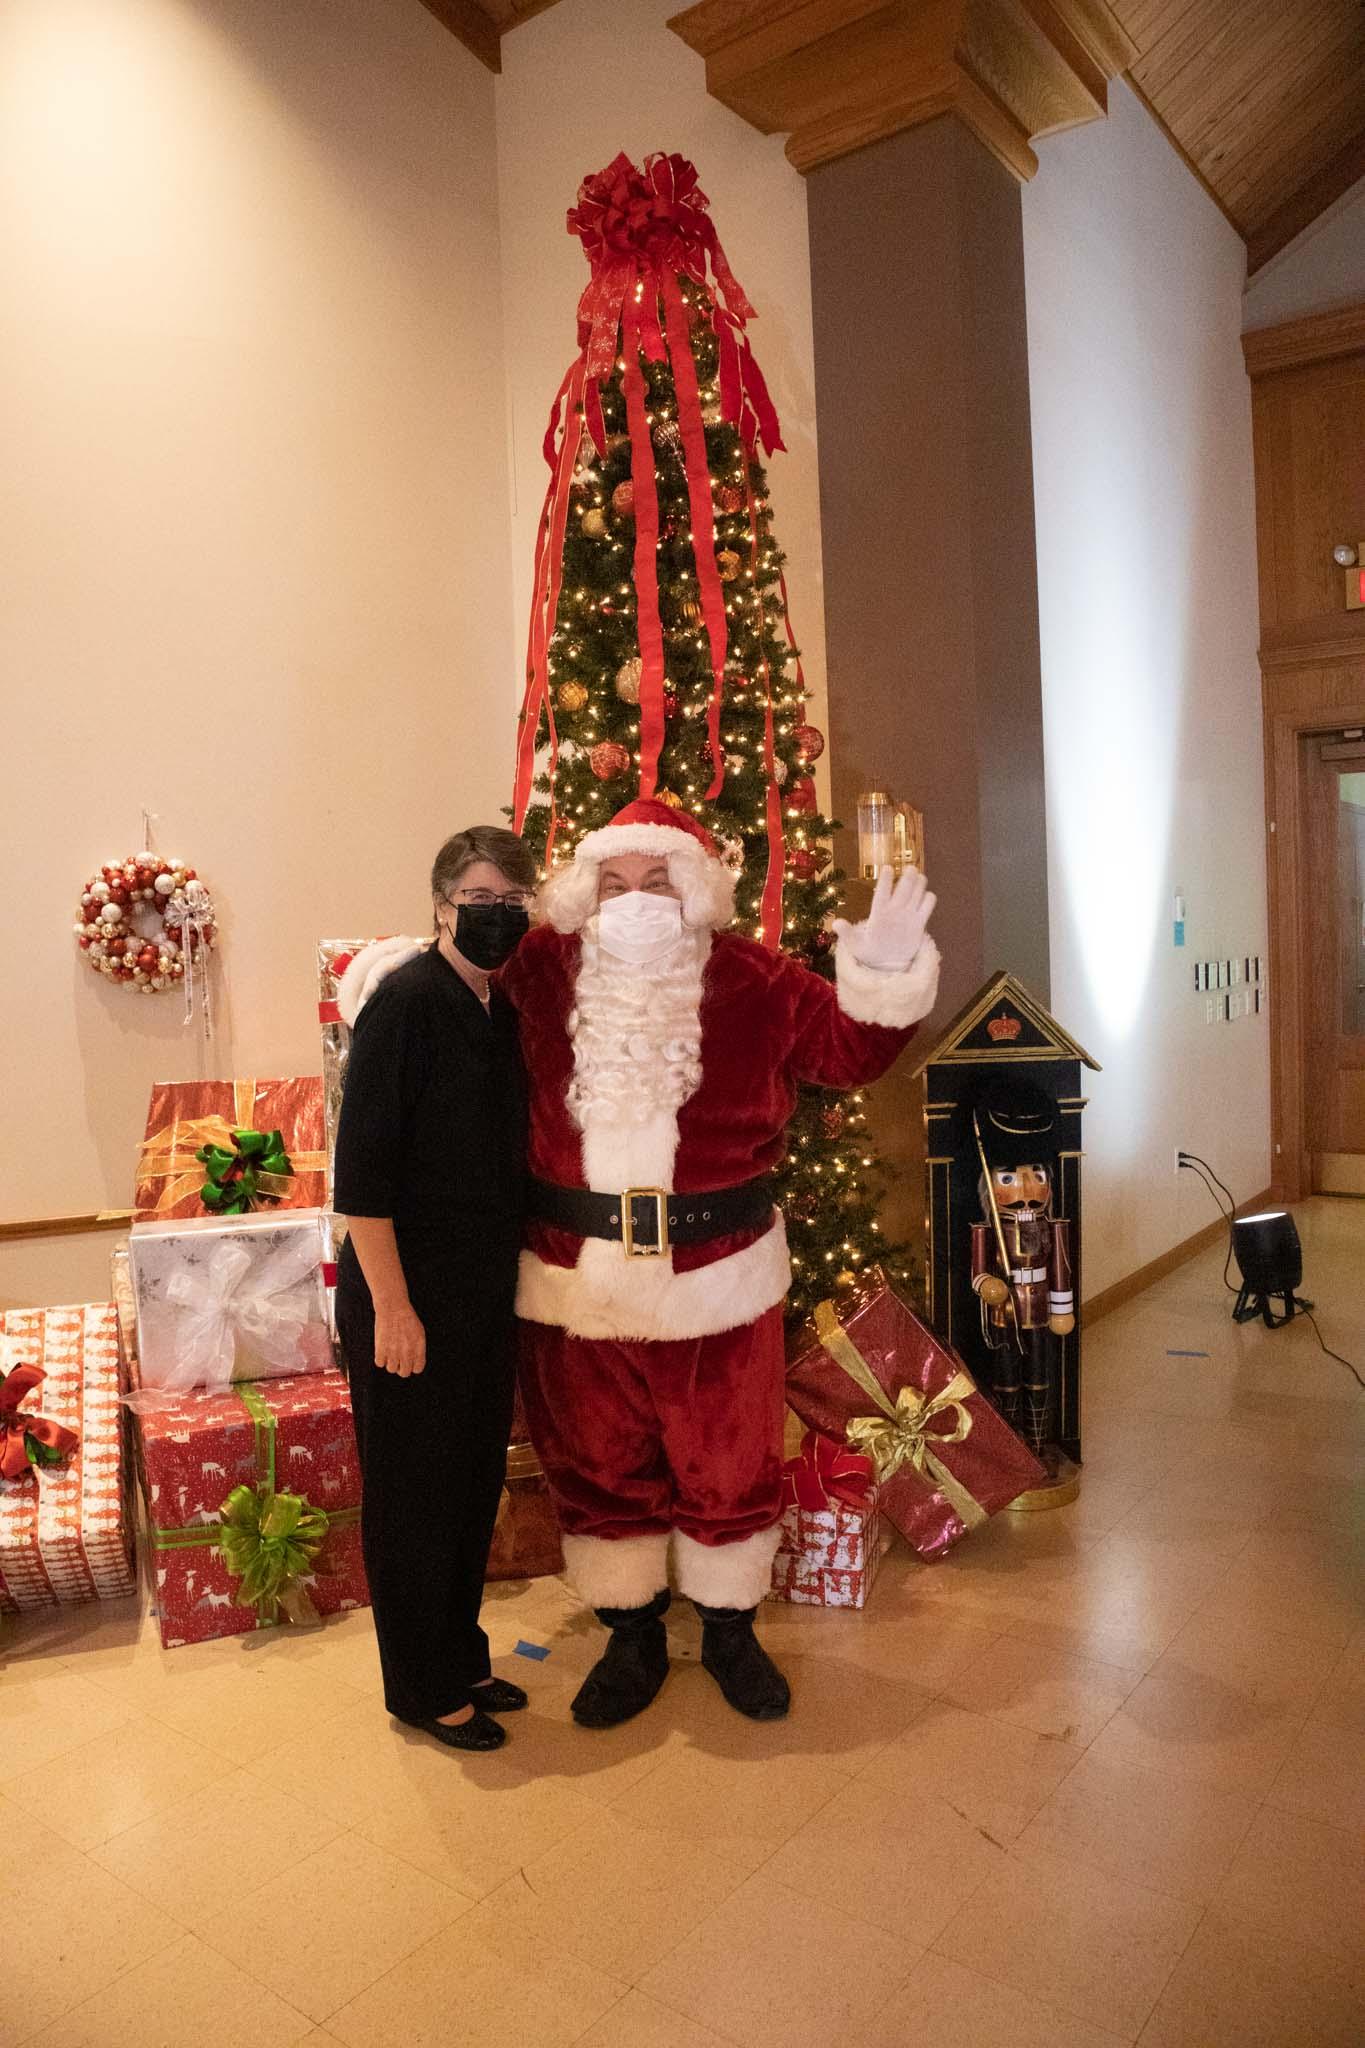 Barbara and Santa